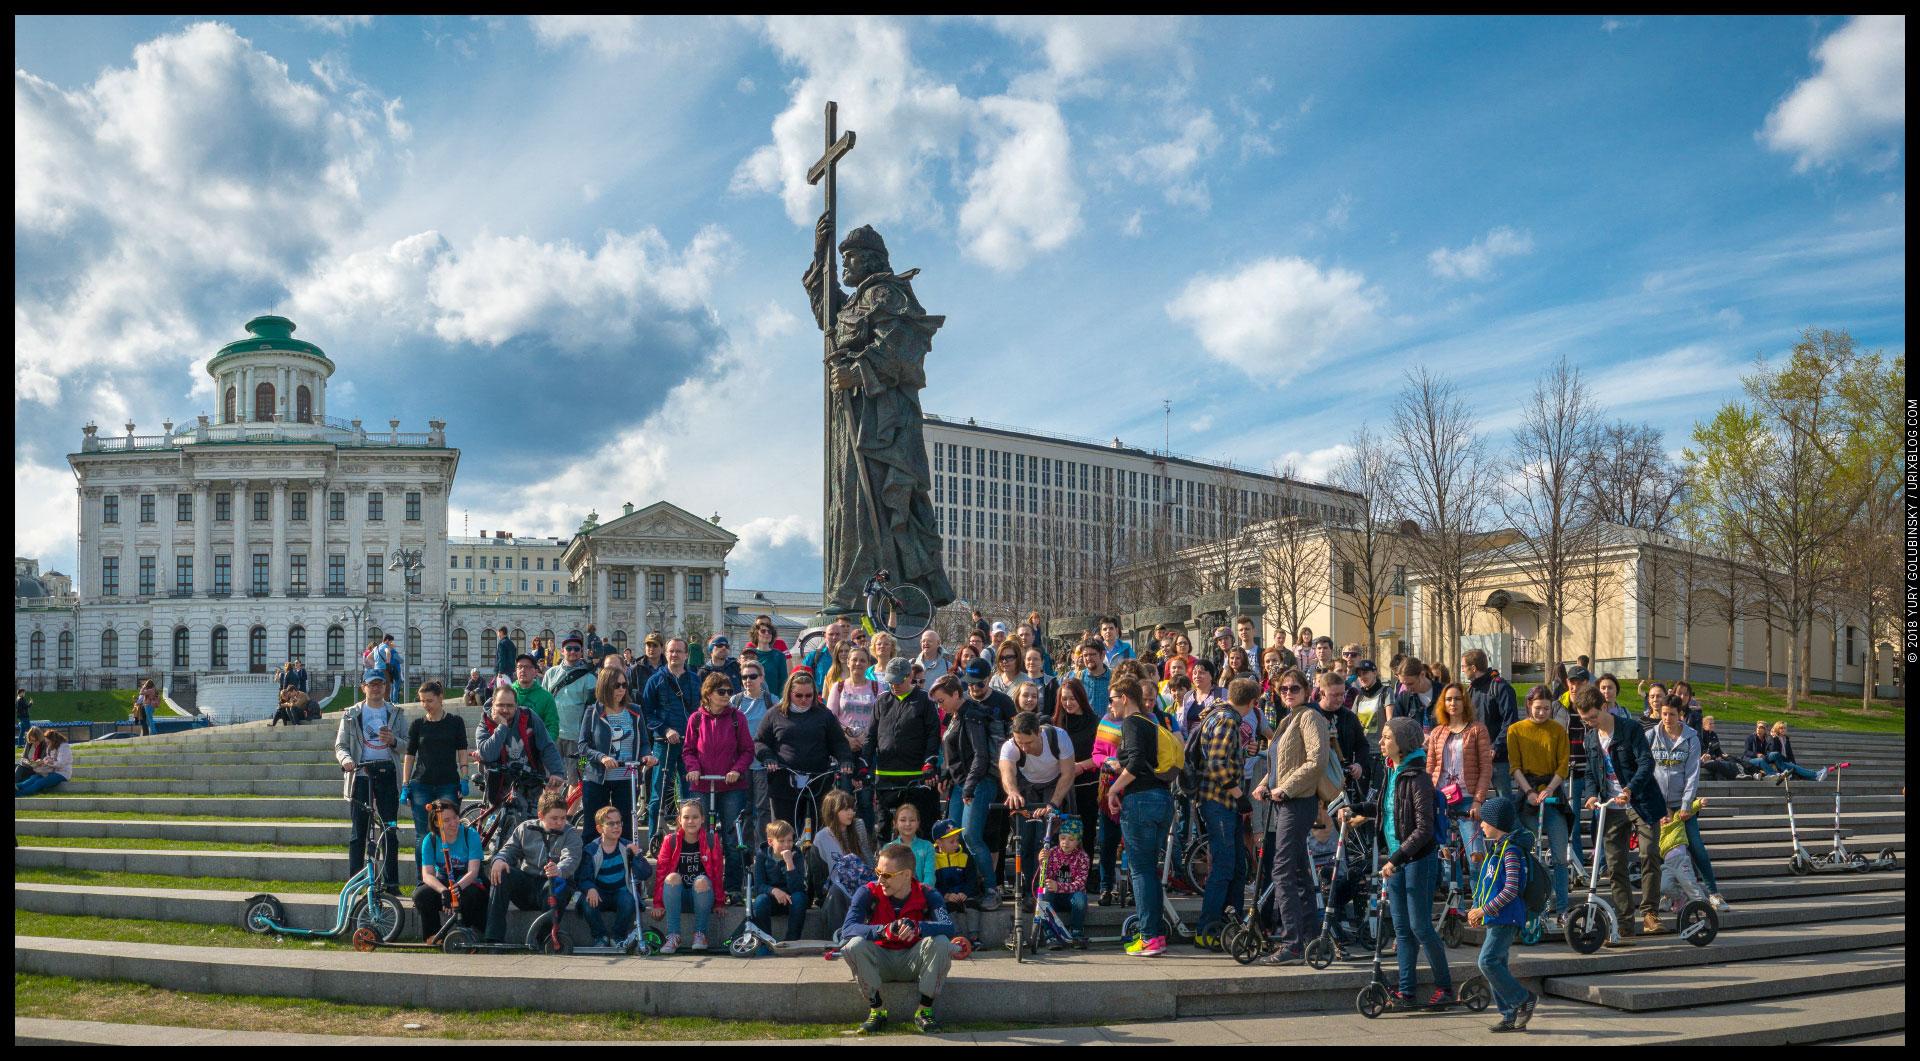 Боровицкая площадь, Москва, Россия, 2018, весна, памятник